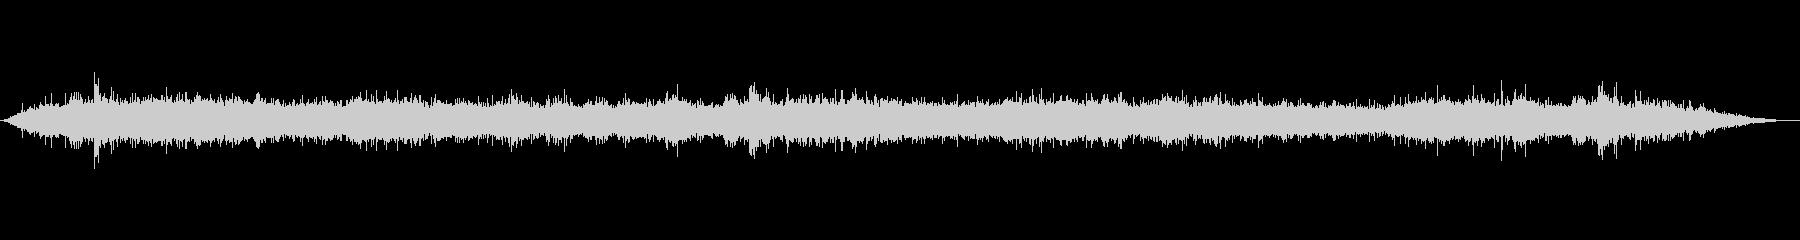 環境音 - 雨(傘に雨が当たる音)の未再生の波形